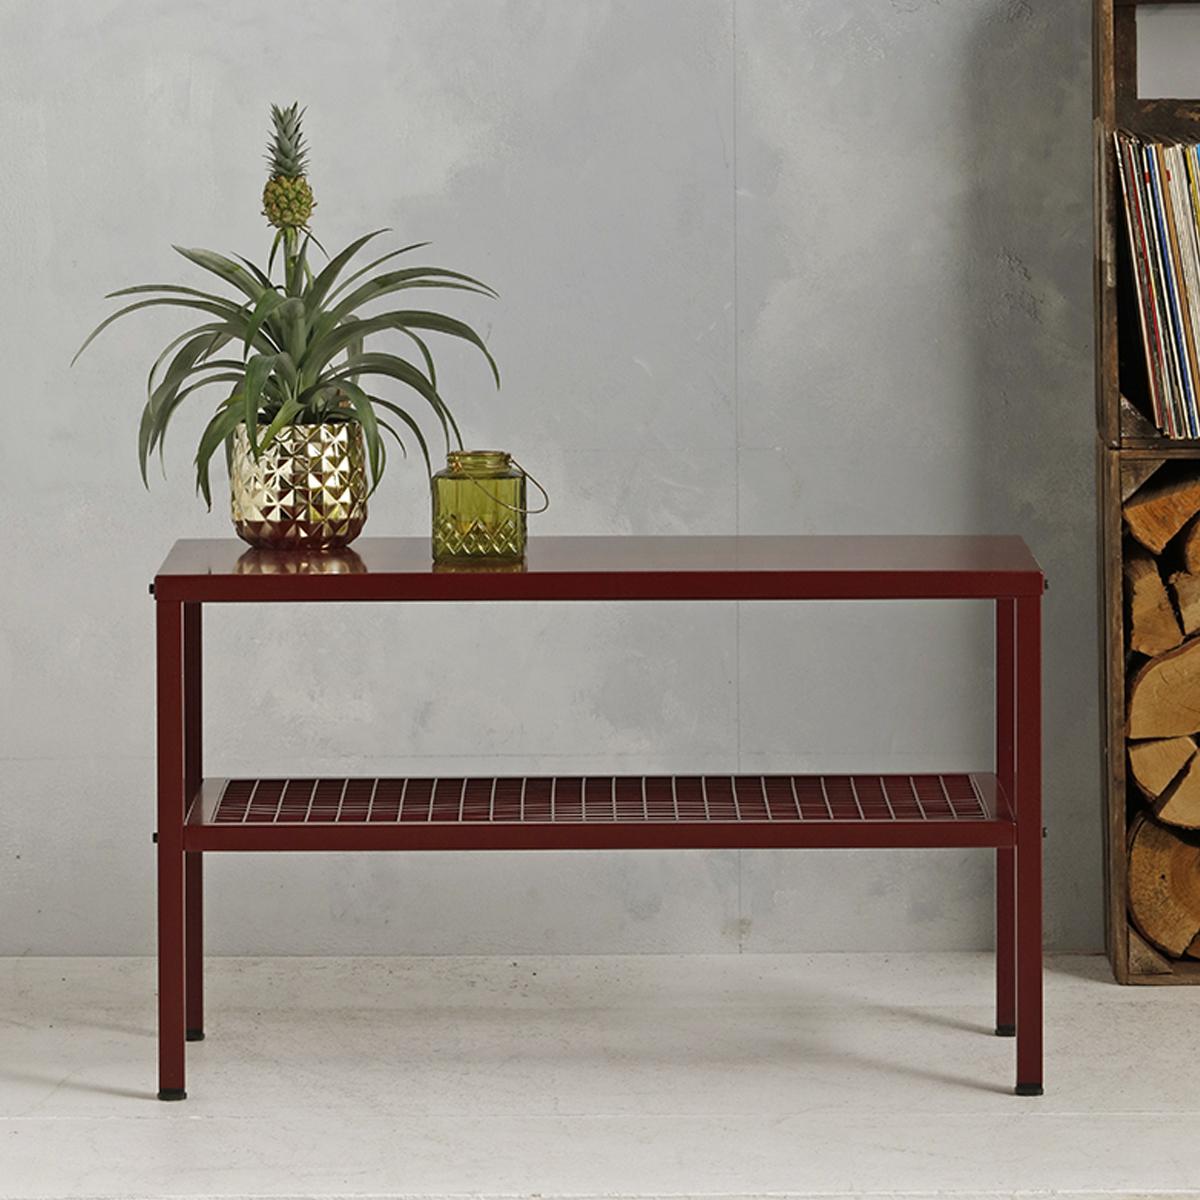 Metalen tafel industrieel - Wijnrood - 50.2x85.3x44,5 cm - LCS-110